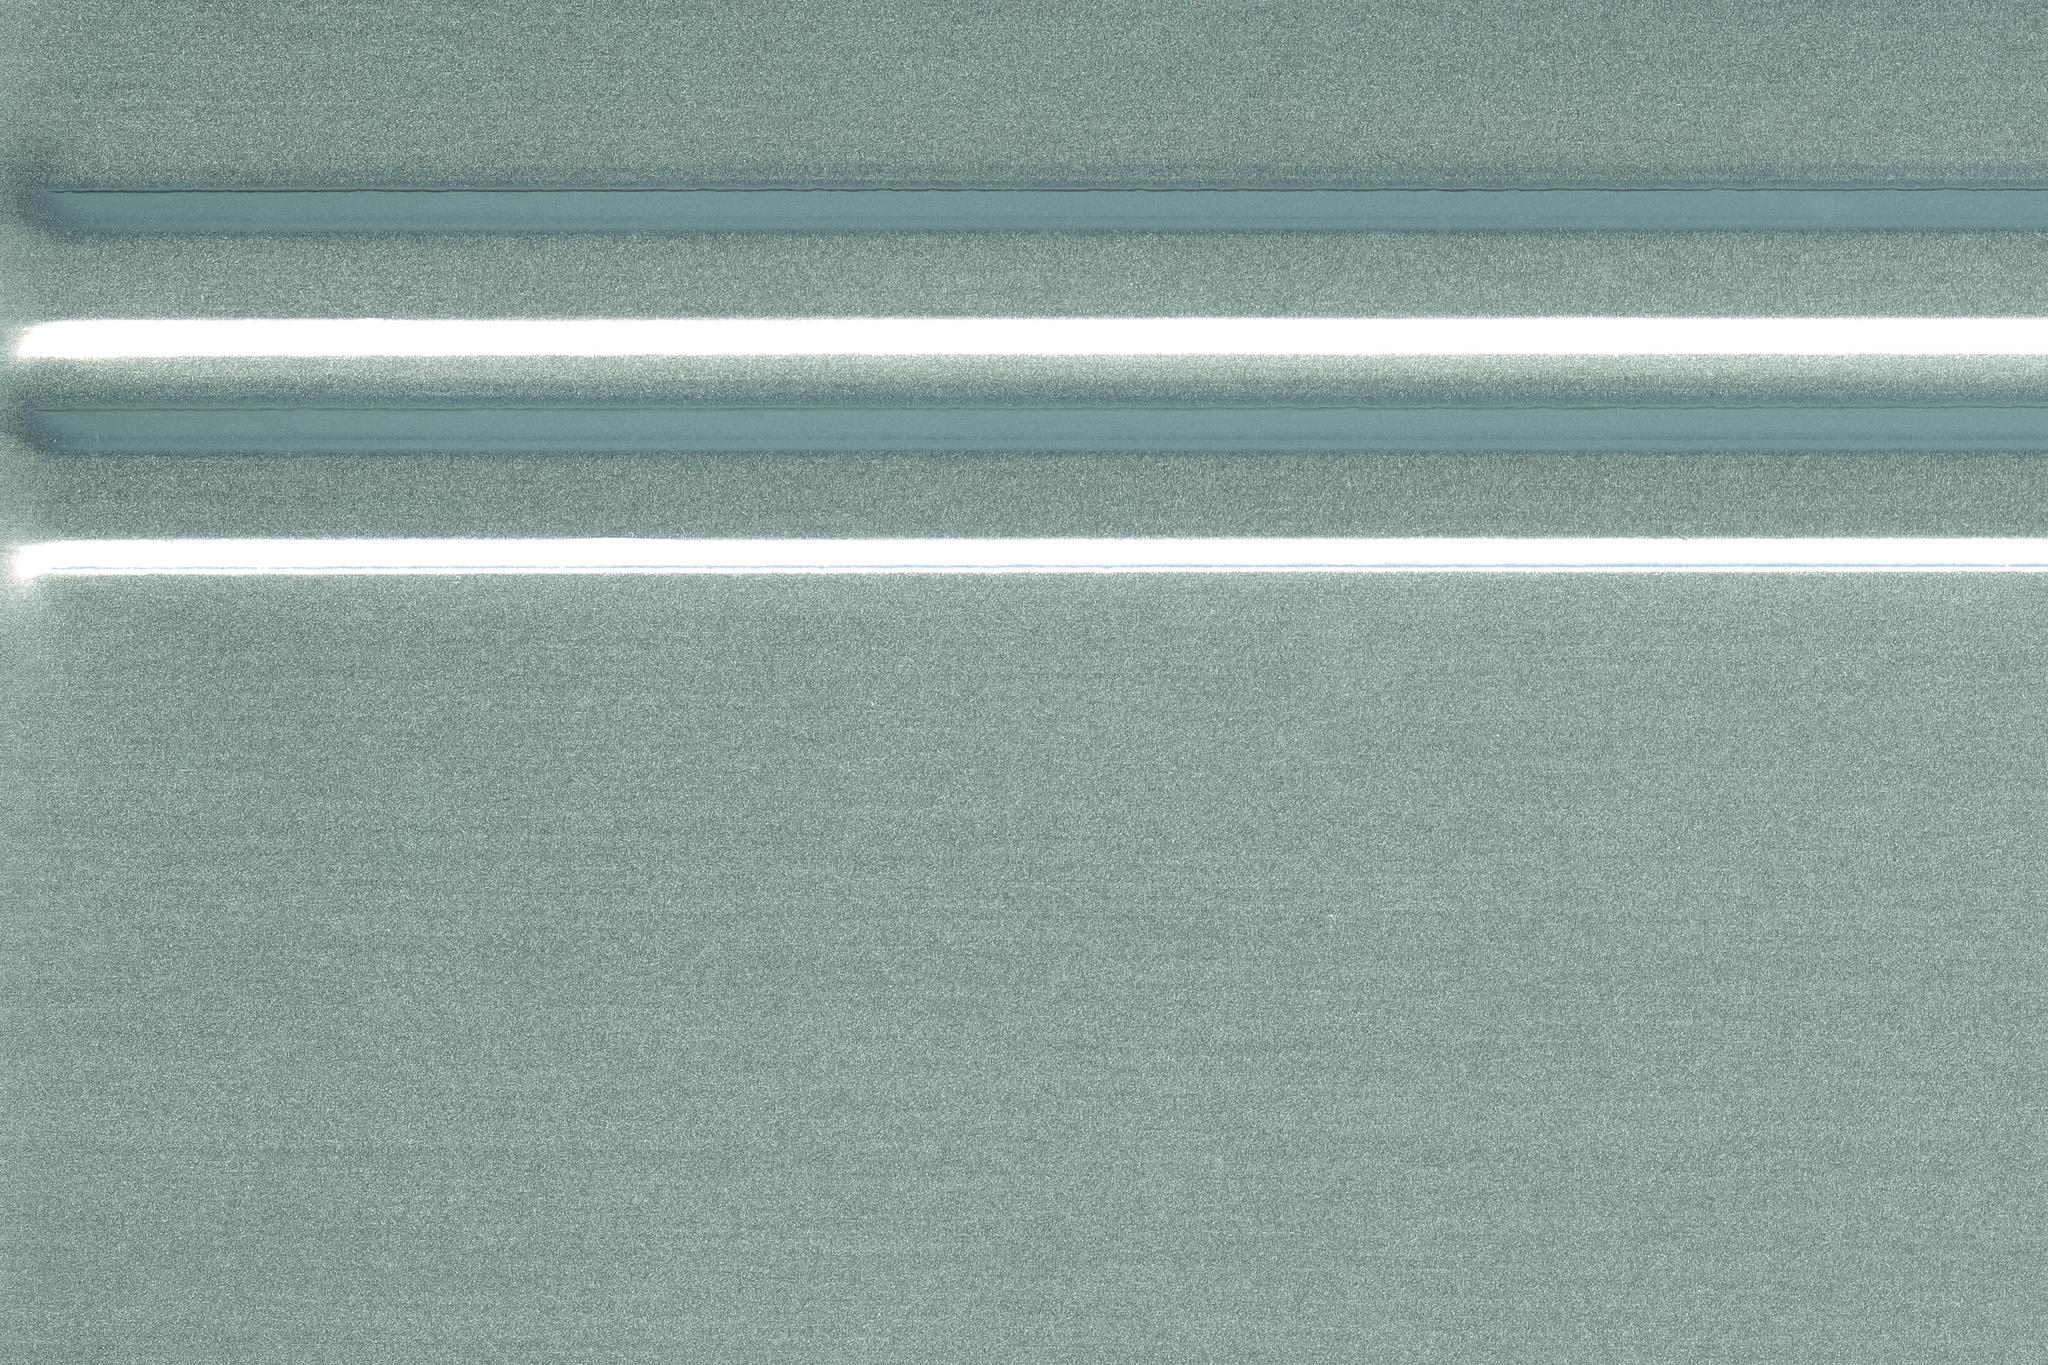 「凹凸のラインがあるステンレス」の画像を無料ダウンロード